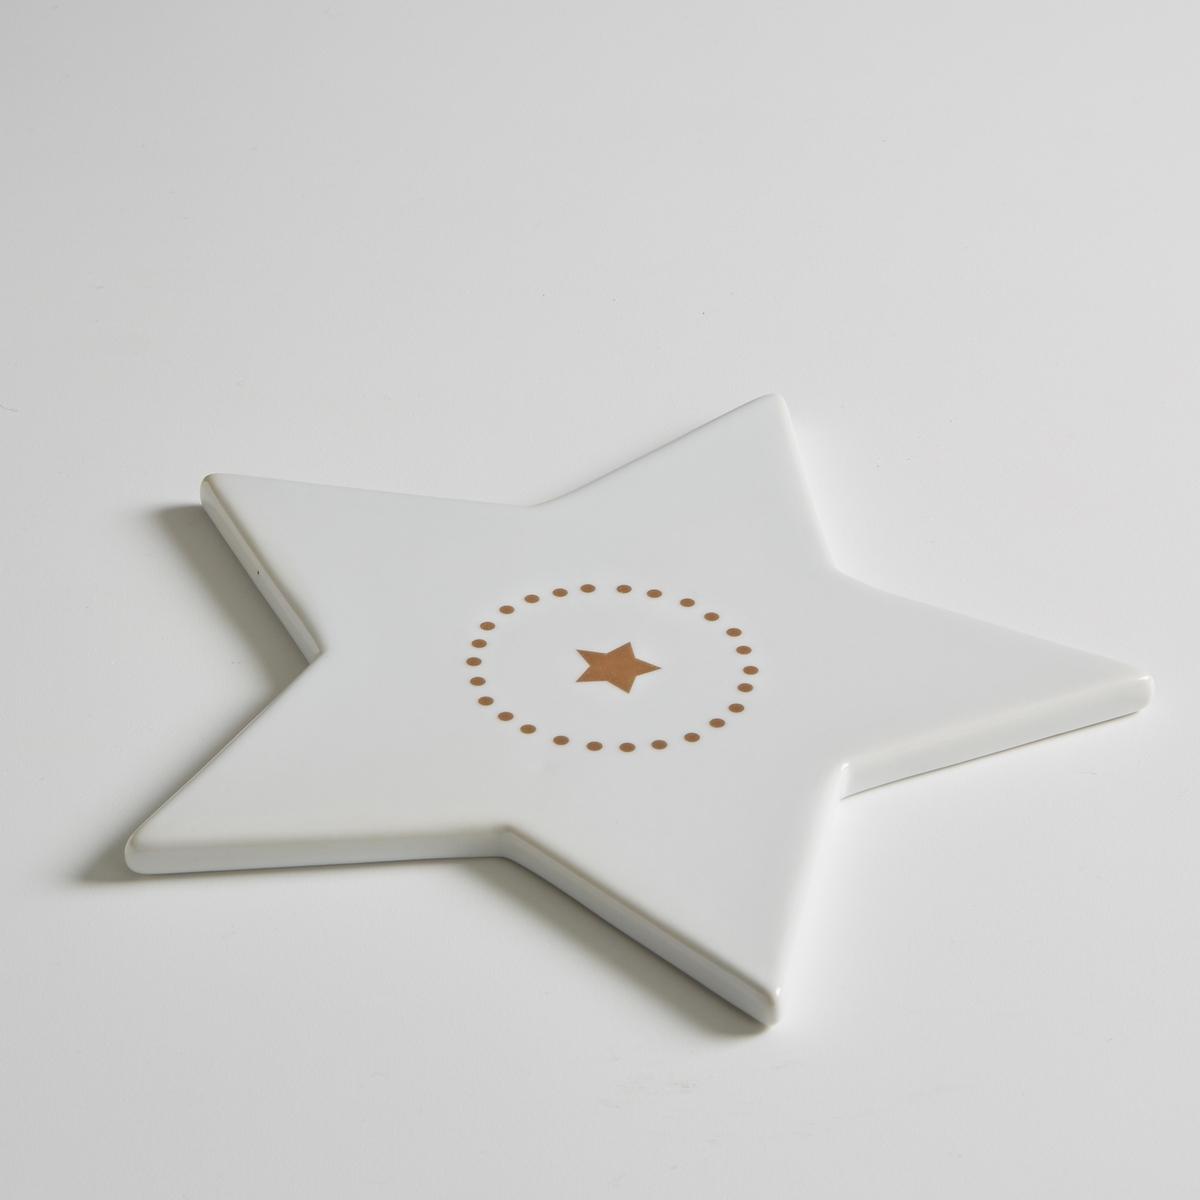 Подставка для блюда  форме звезды из фарфора, Kubler